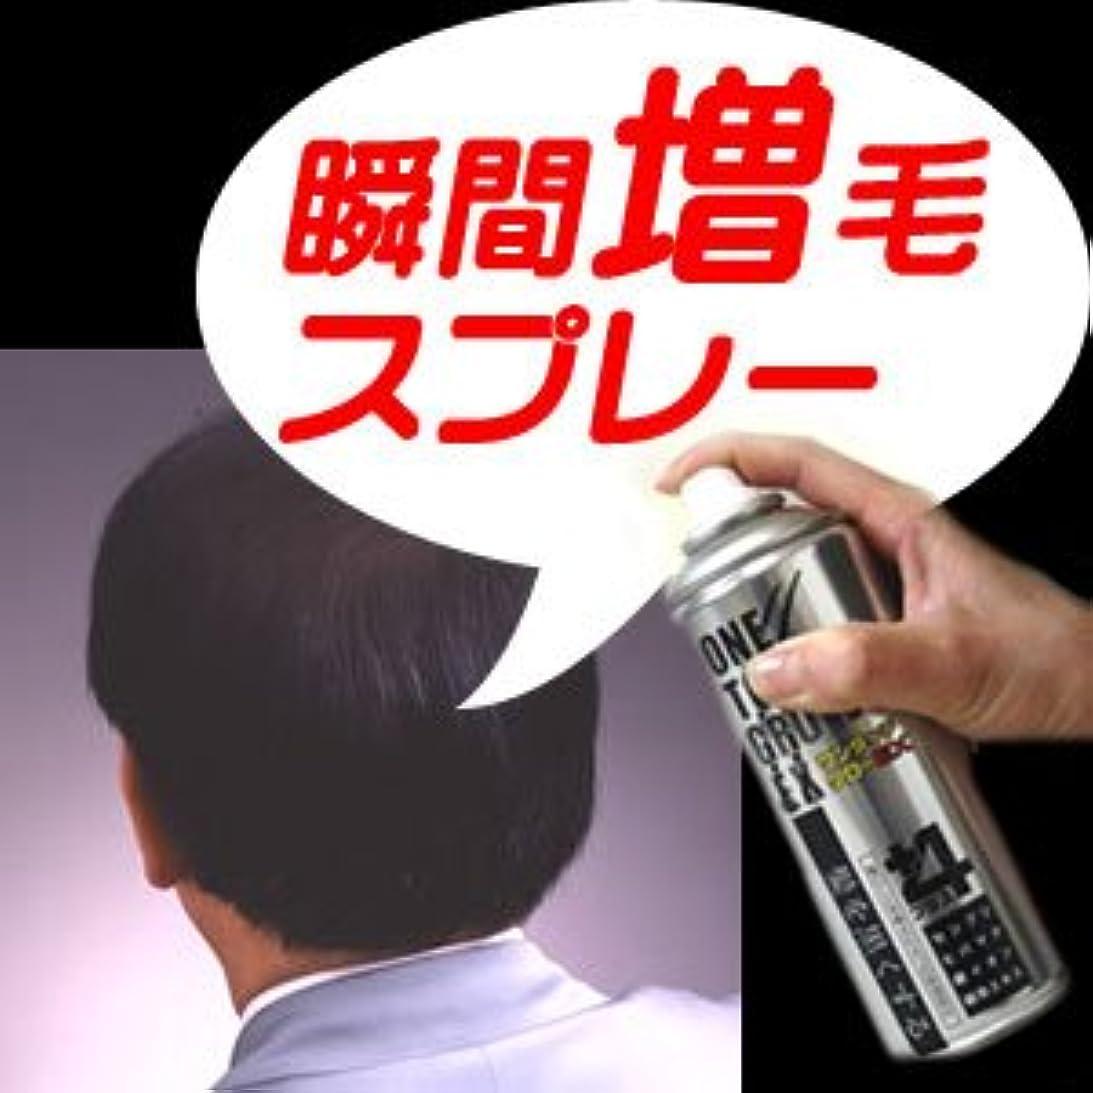 会議ランプジュース新瞬間増毛スプレー(男女兼用)『ワンタッチグローEX+4』